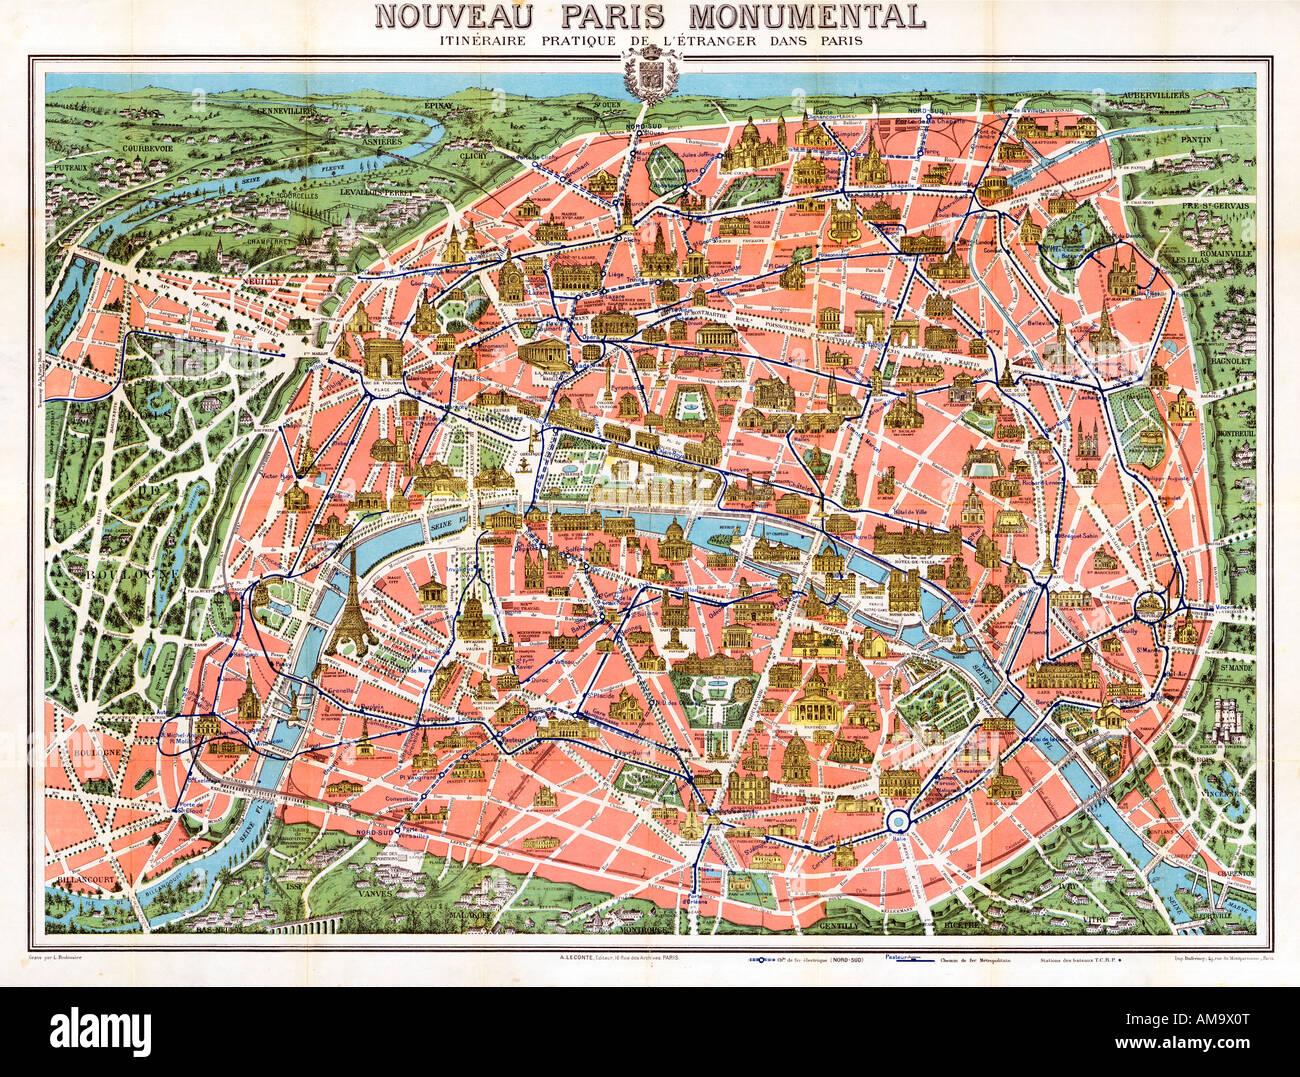 Paris Map Stock Photos & Paris Map Stock Images - Alamy on printable map of paris, simplified map of paris, english map of paris, sports map of paris, interactive map of paris, white map of paris, outlined map of paris, high resolution map of paris, history map of paris, fun map of paris, highlighted map of paris, large map of paris, antique map of paris, watercolor of paris, color map of paris, travel map of paris, detailed street map of paris, photography of paris, religion map of paris, illustration of paris,